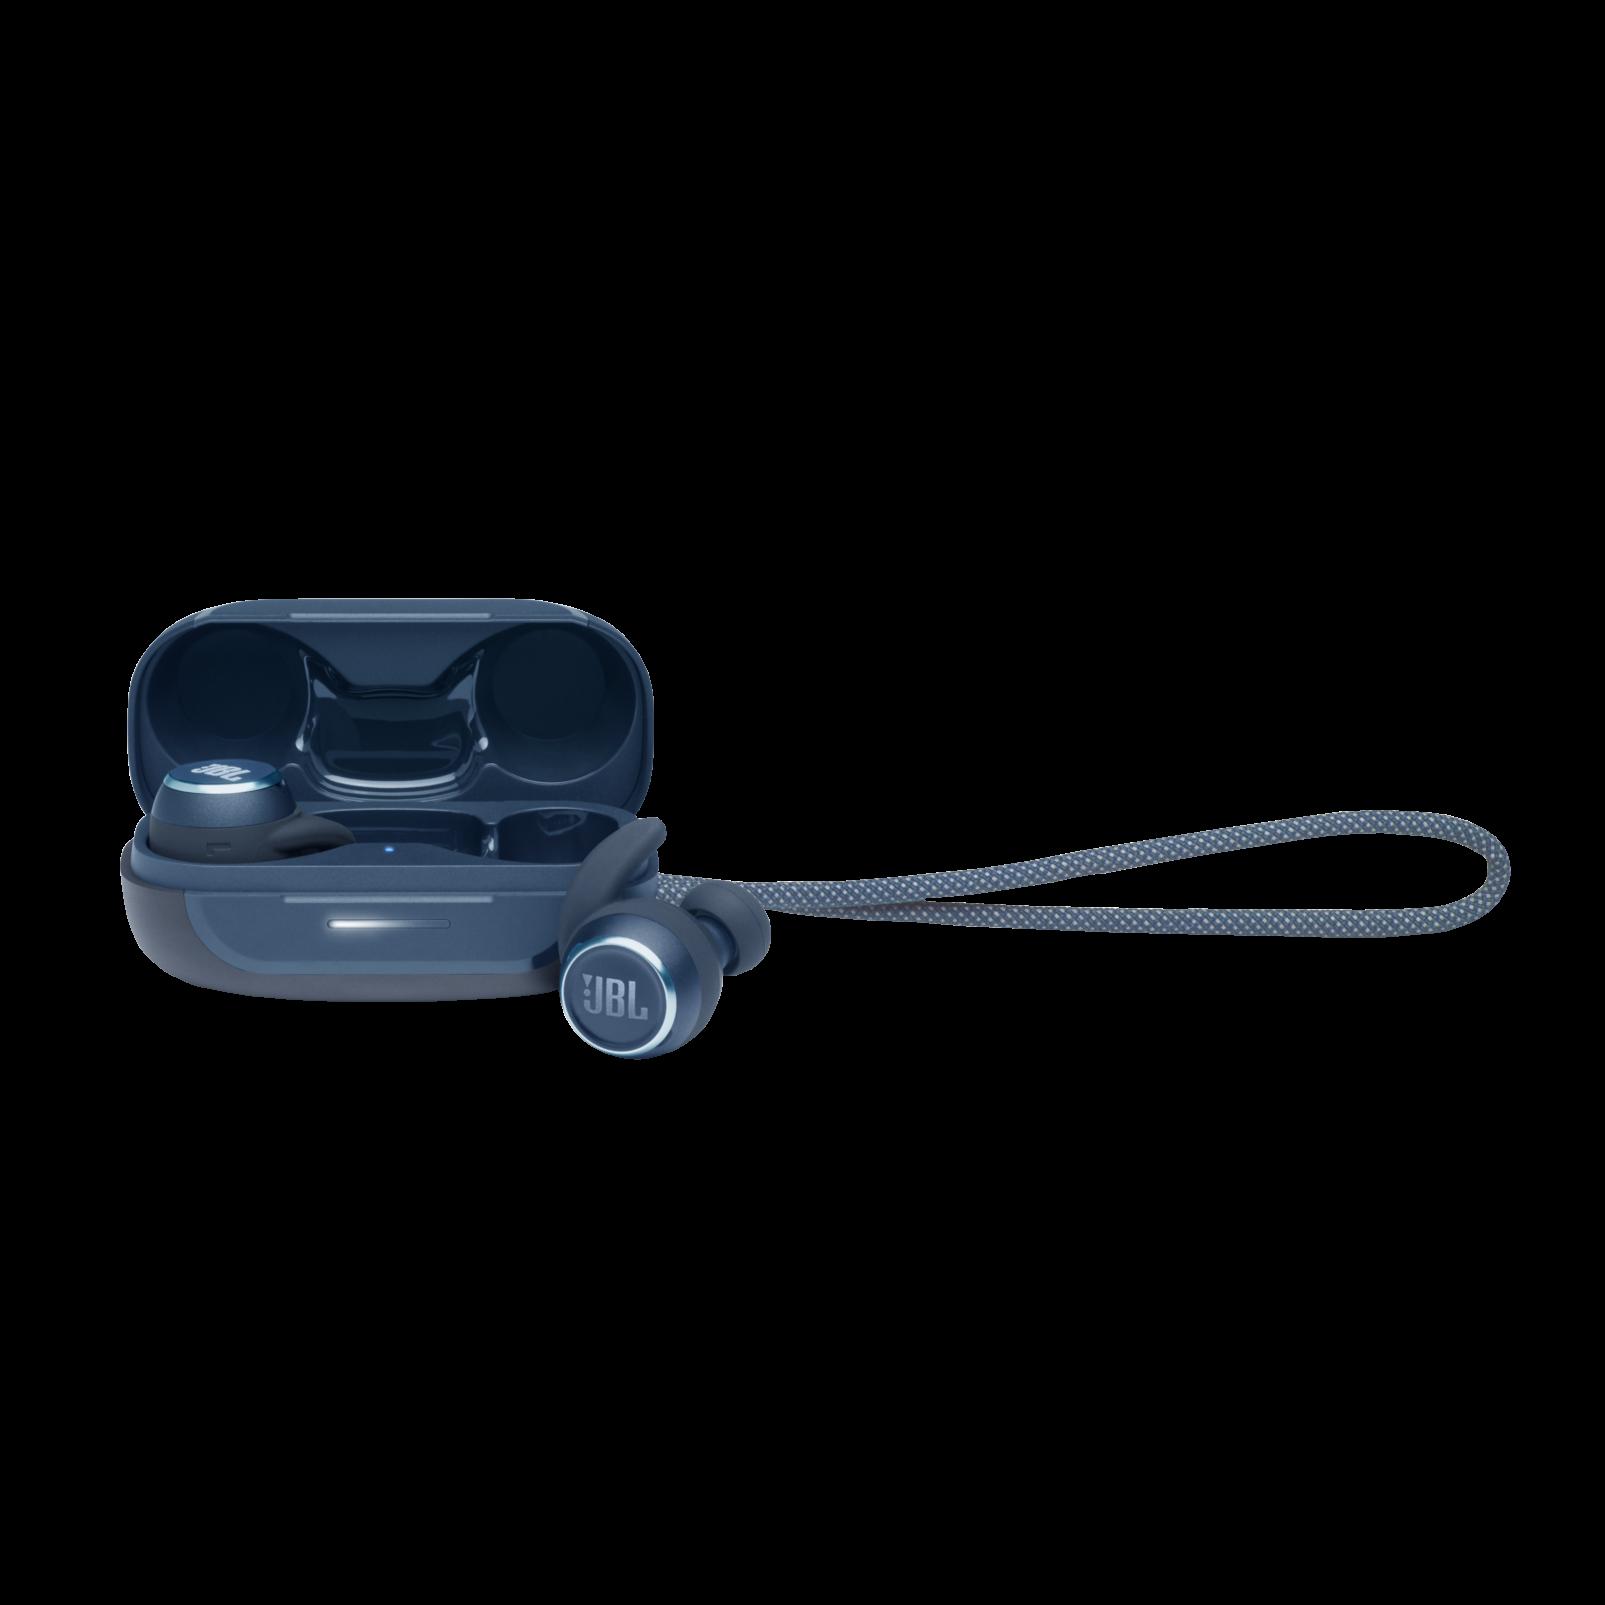 JBL Reflect Mini NC - Blue - Waterproof True Wireless In-Ear NC Sport Headphones - Hero